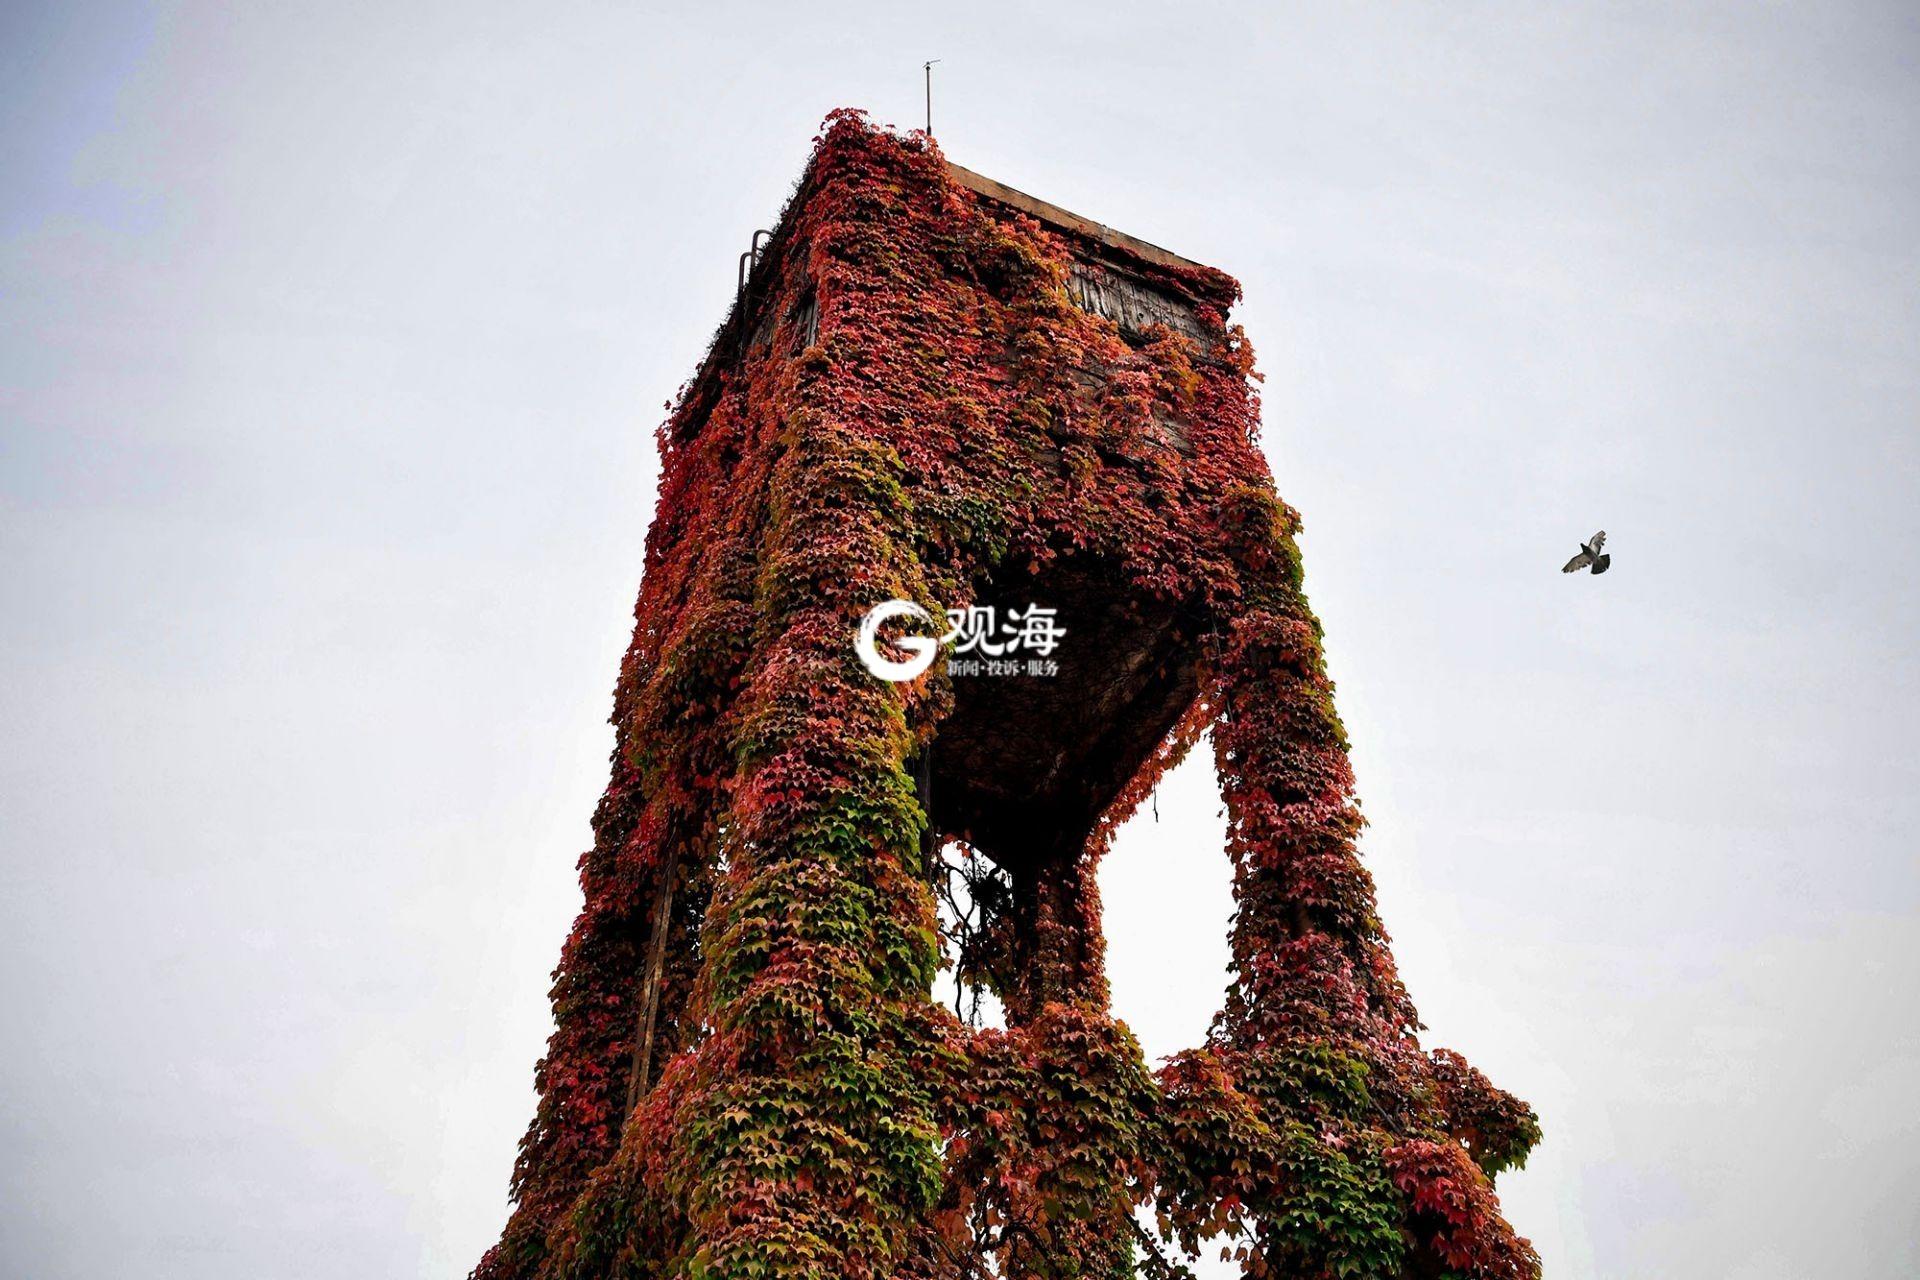 """百年""""爬墙虎""""映红老水塔 这也太美了吧?"""